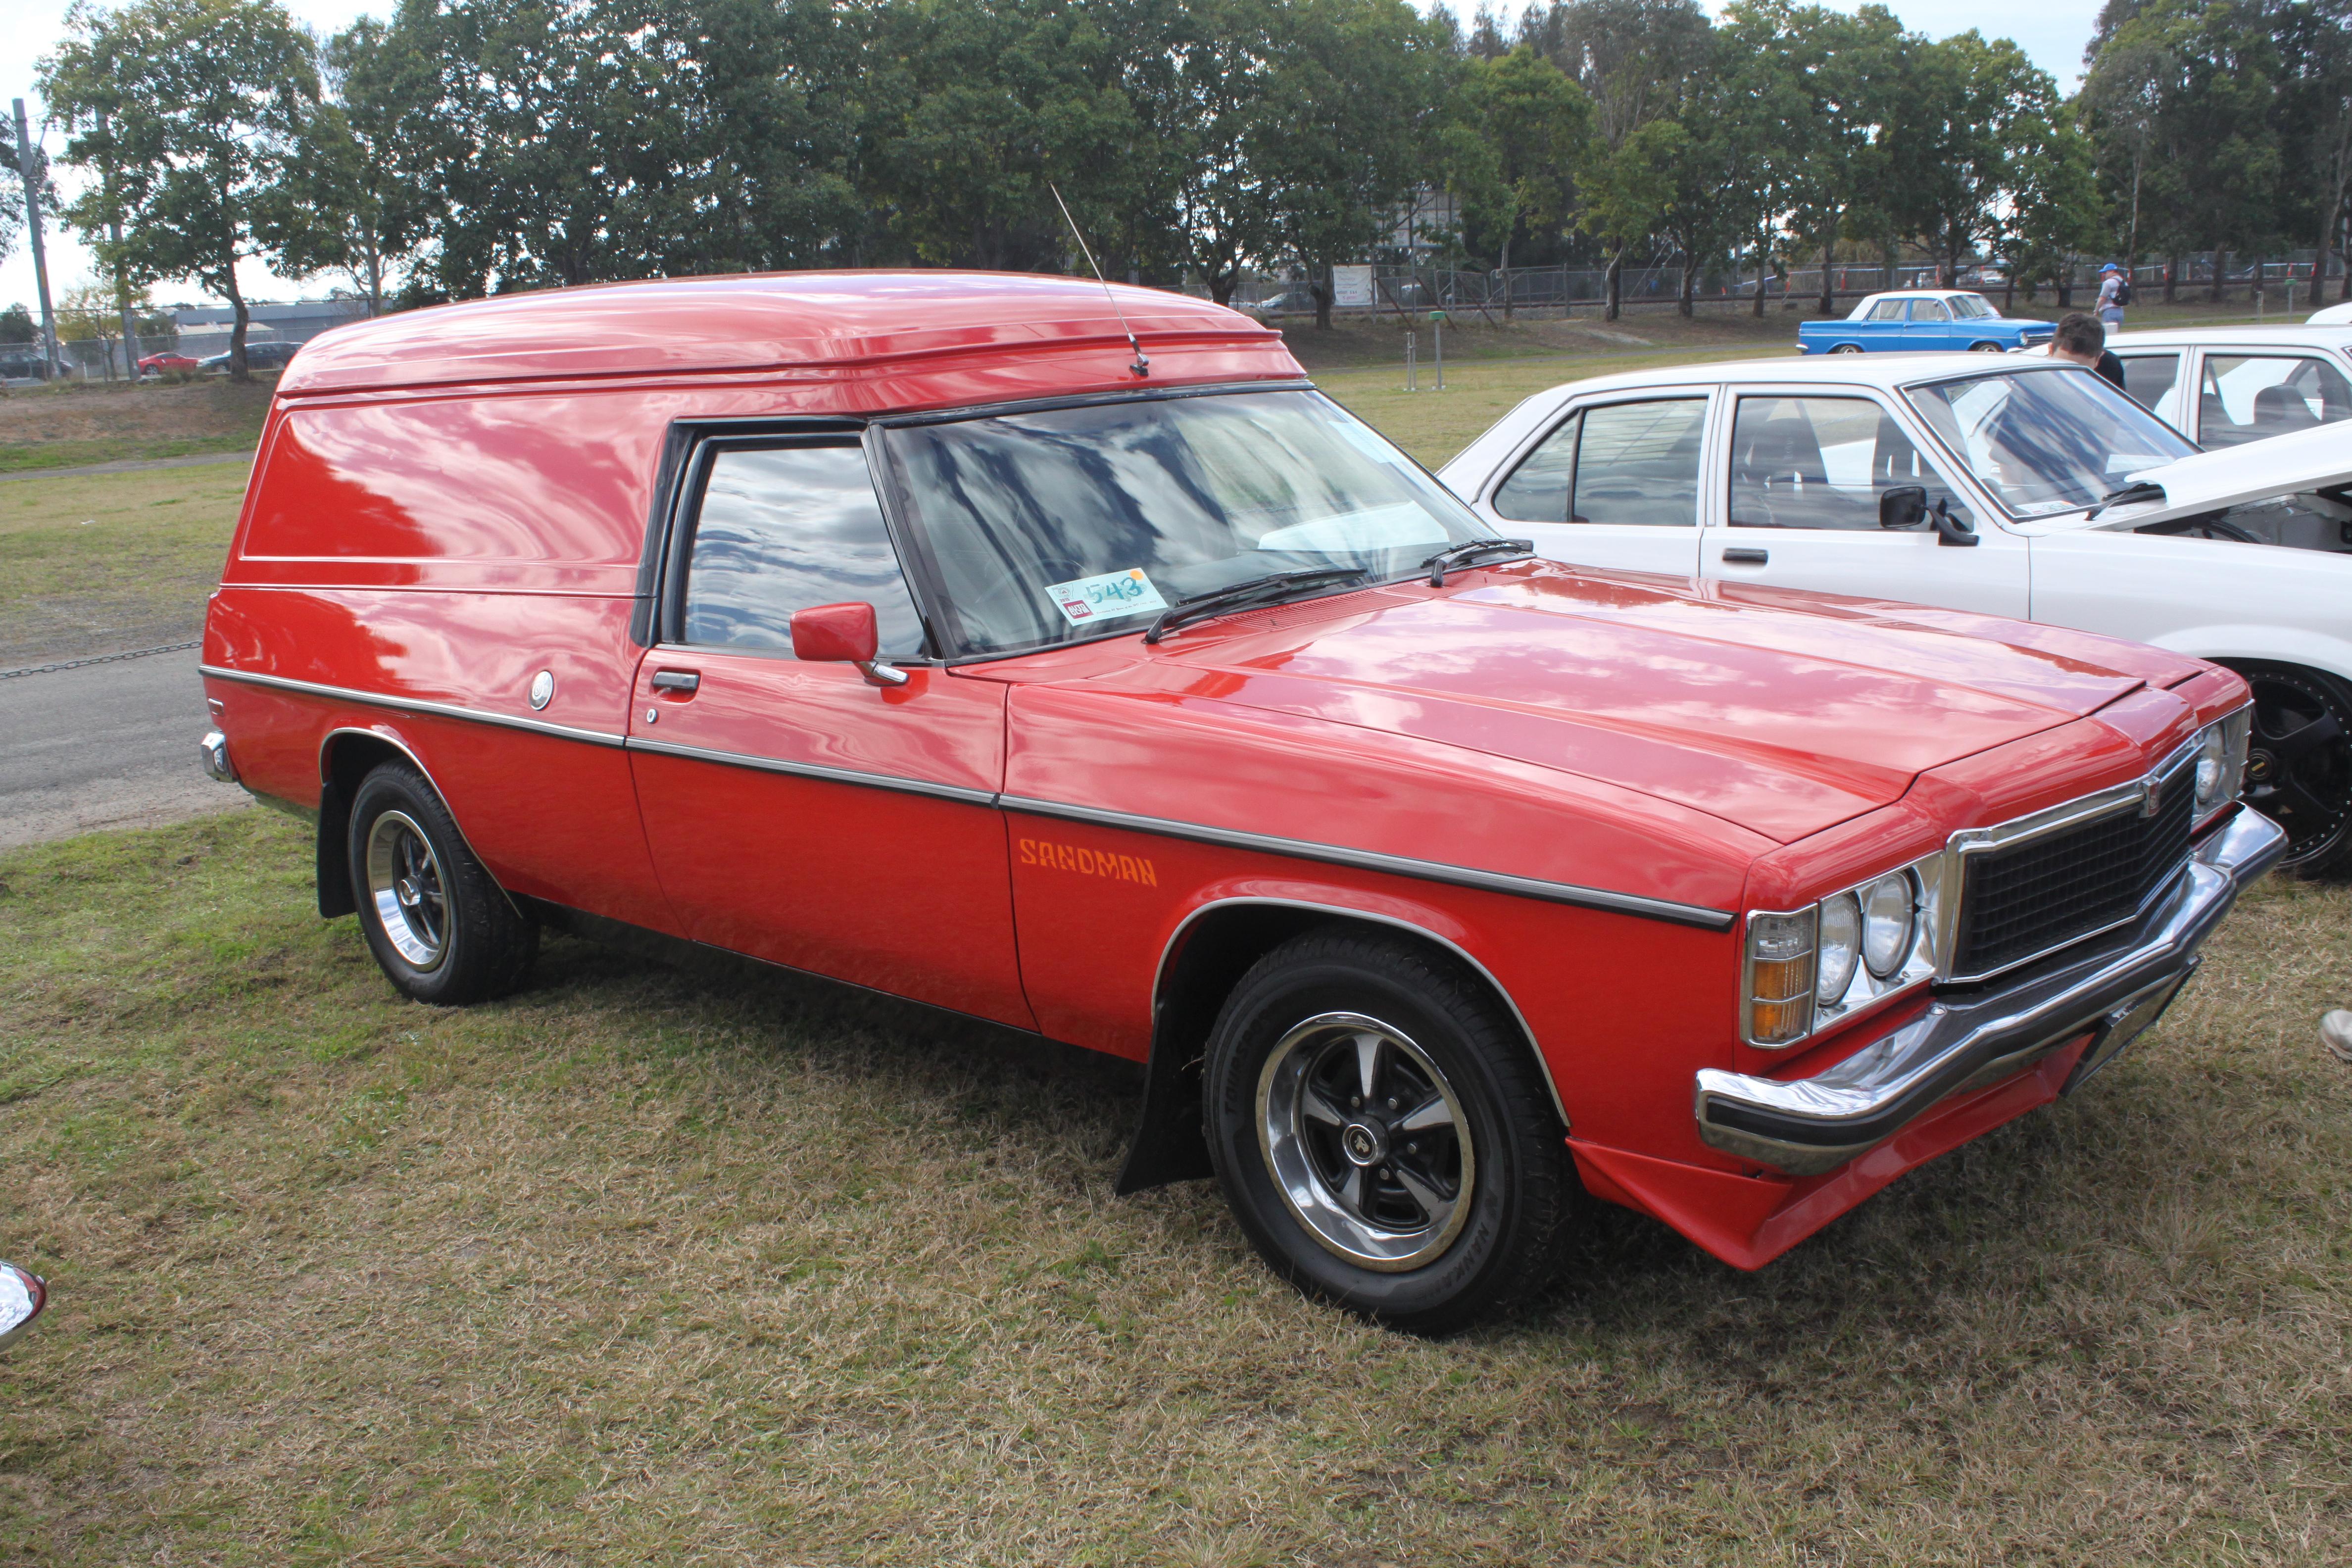 File:1977-1979 Holden Sandman (HZ) panel van (20219517203 ...